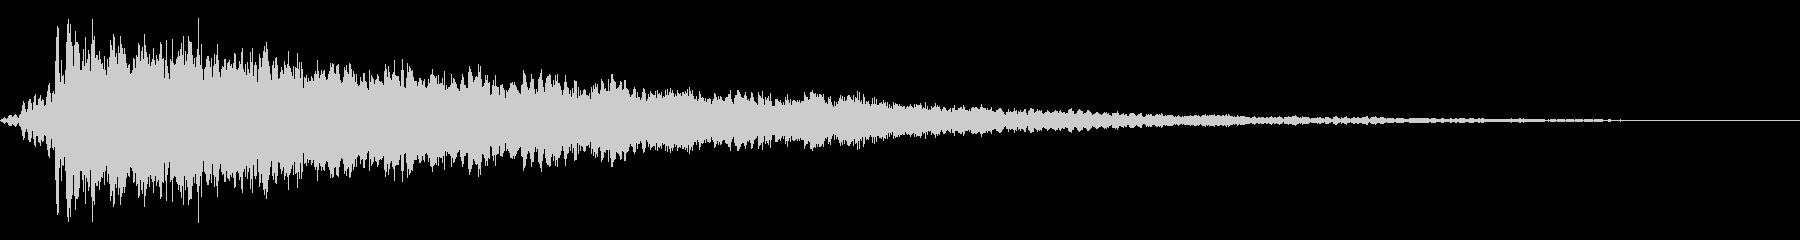 ホラー系アタック音74の未再生の波形